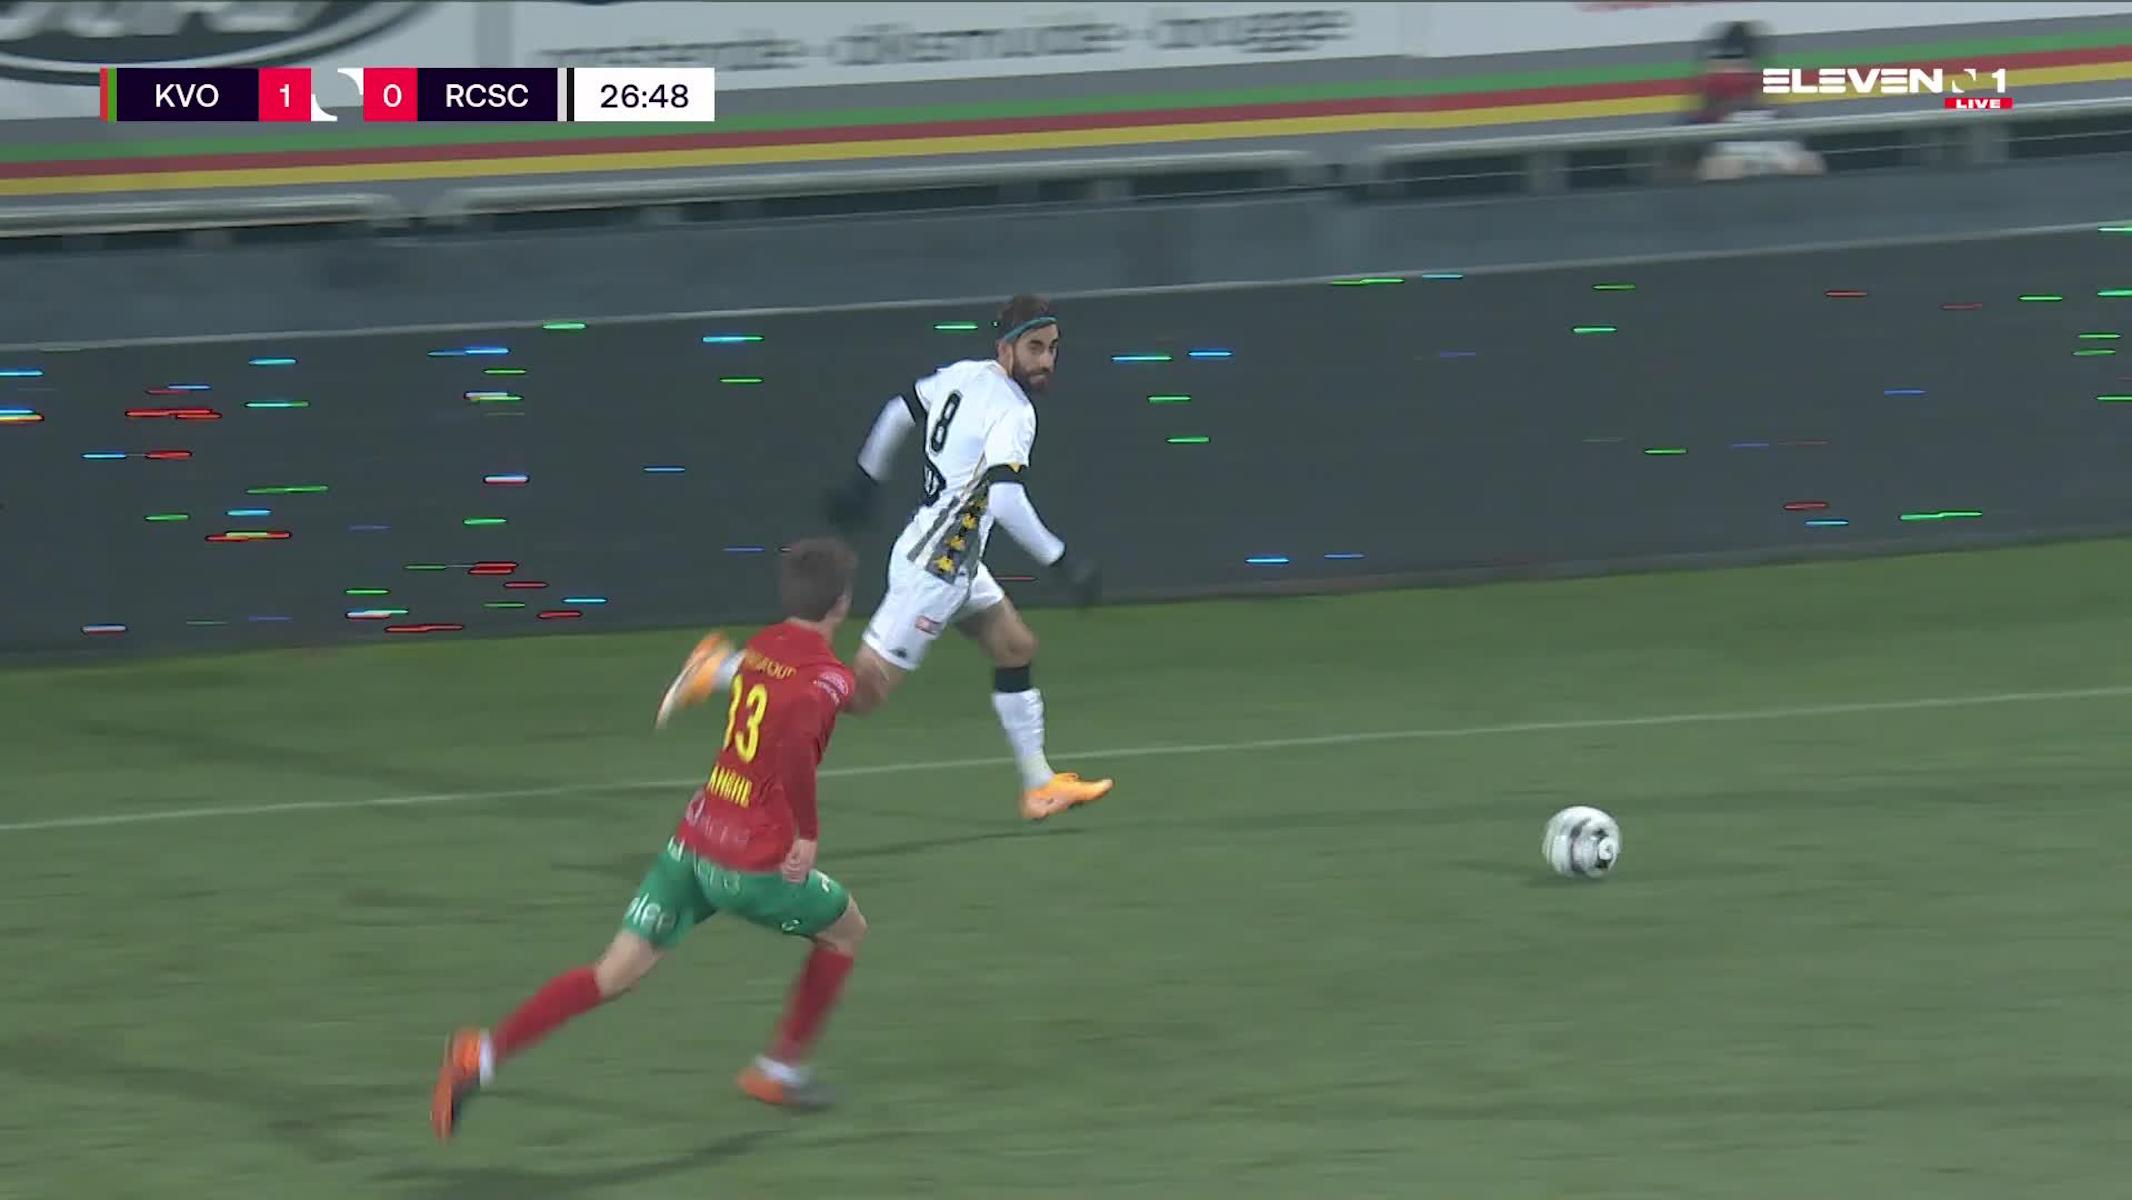 Doelpunt Shamar Nicholson (KV Oostende vs. Sporting Charleroi)